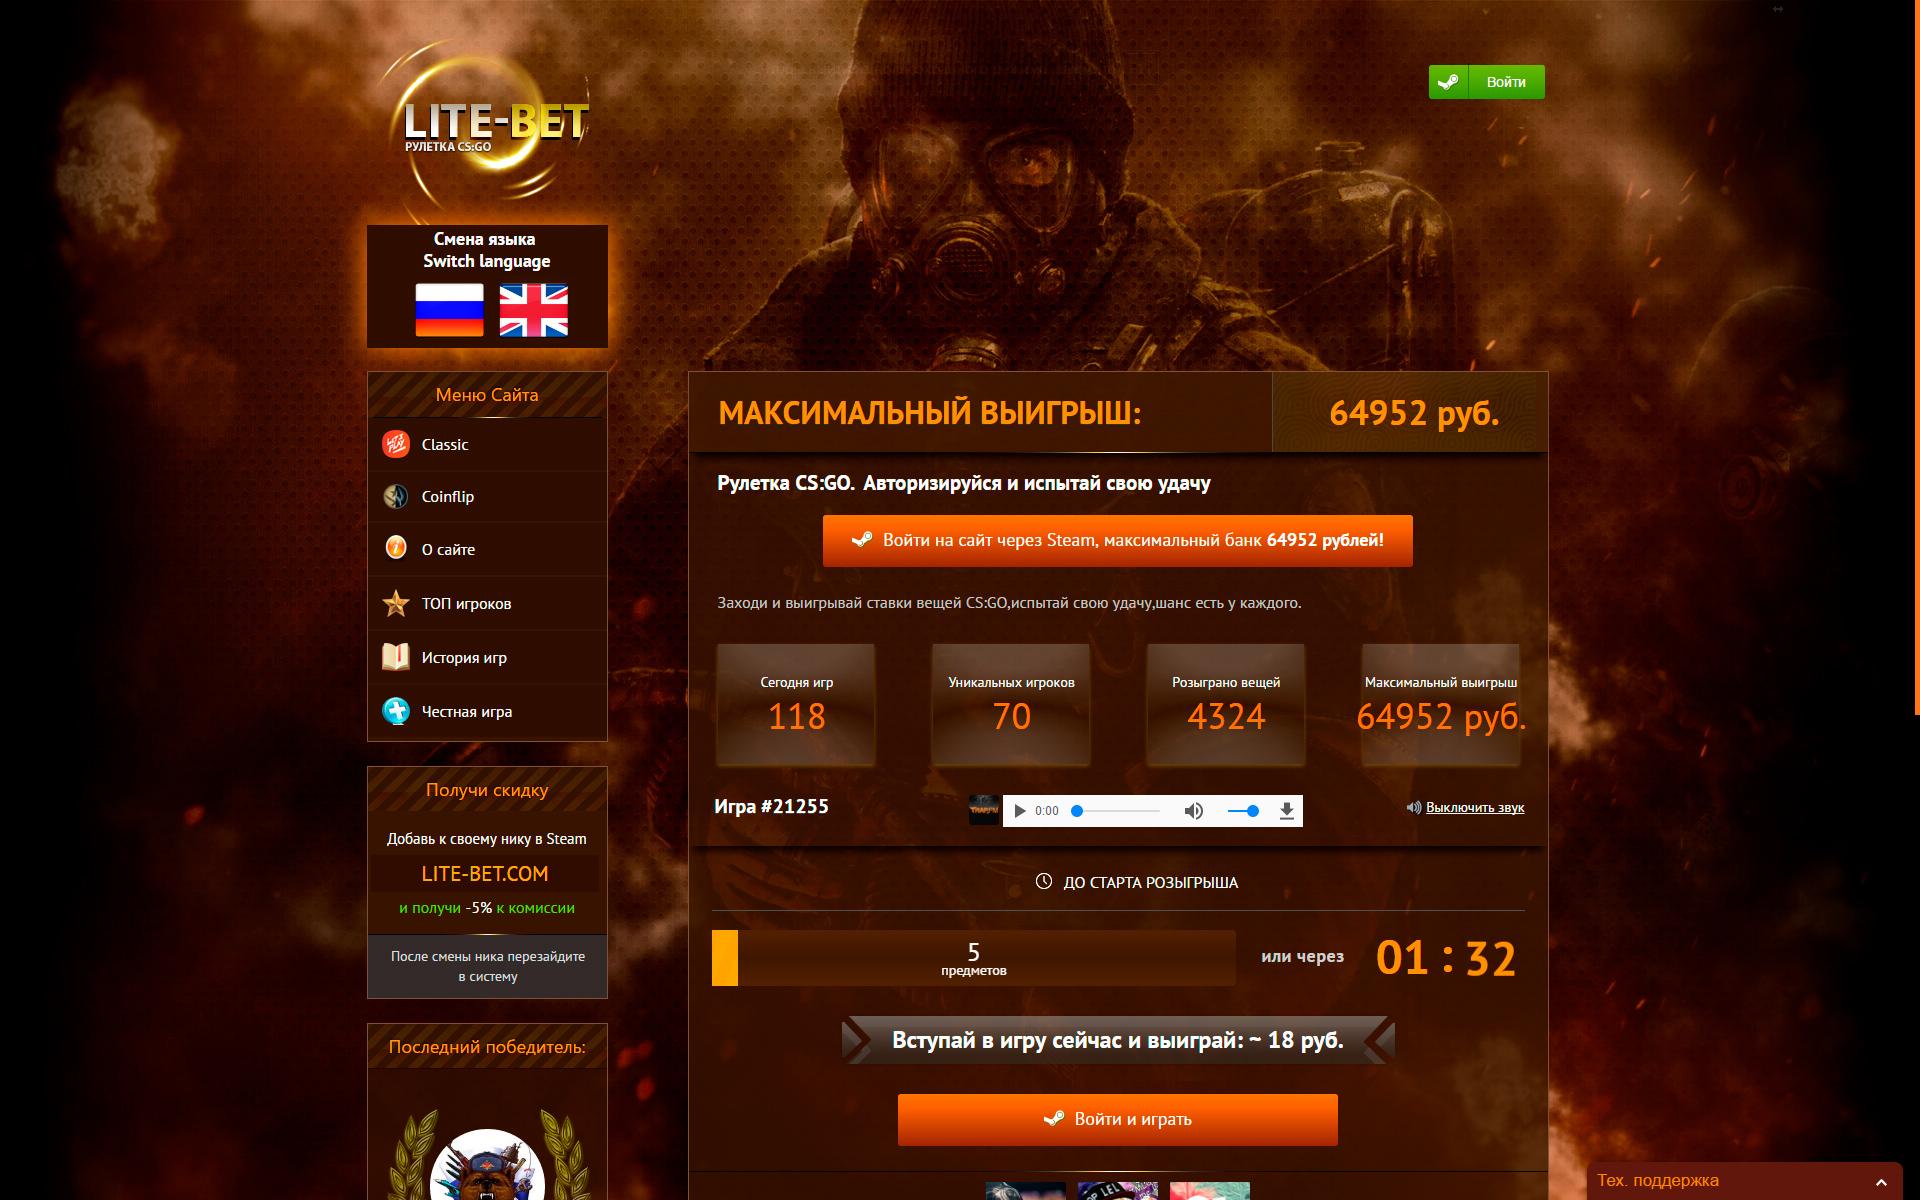 lite-bet.com